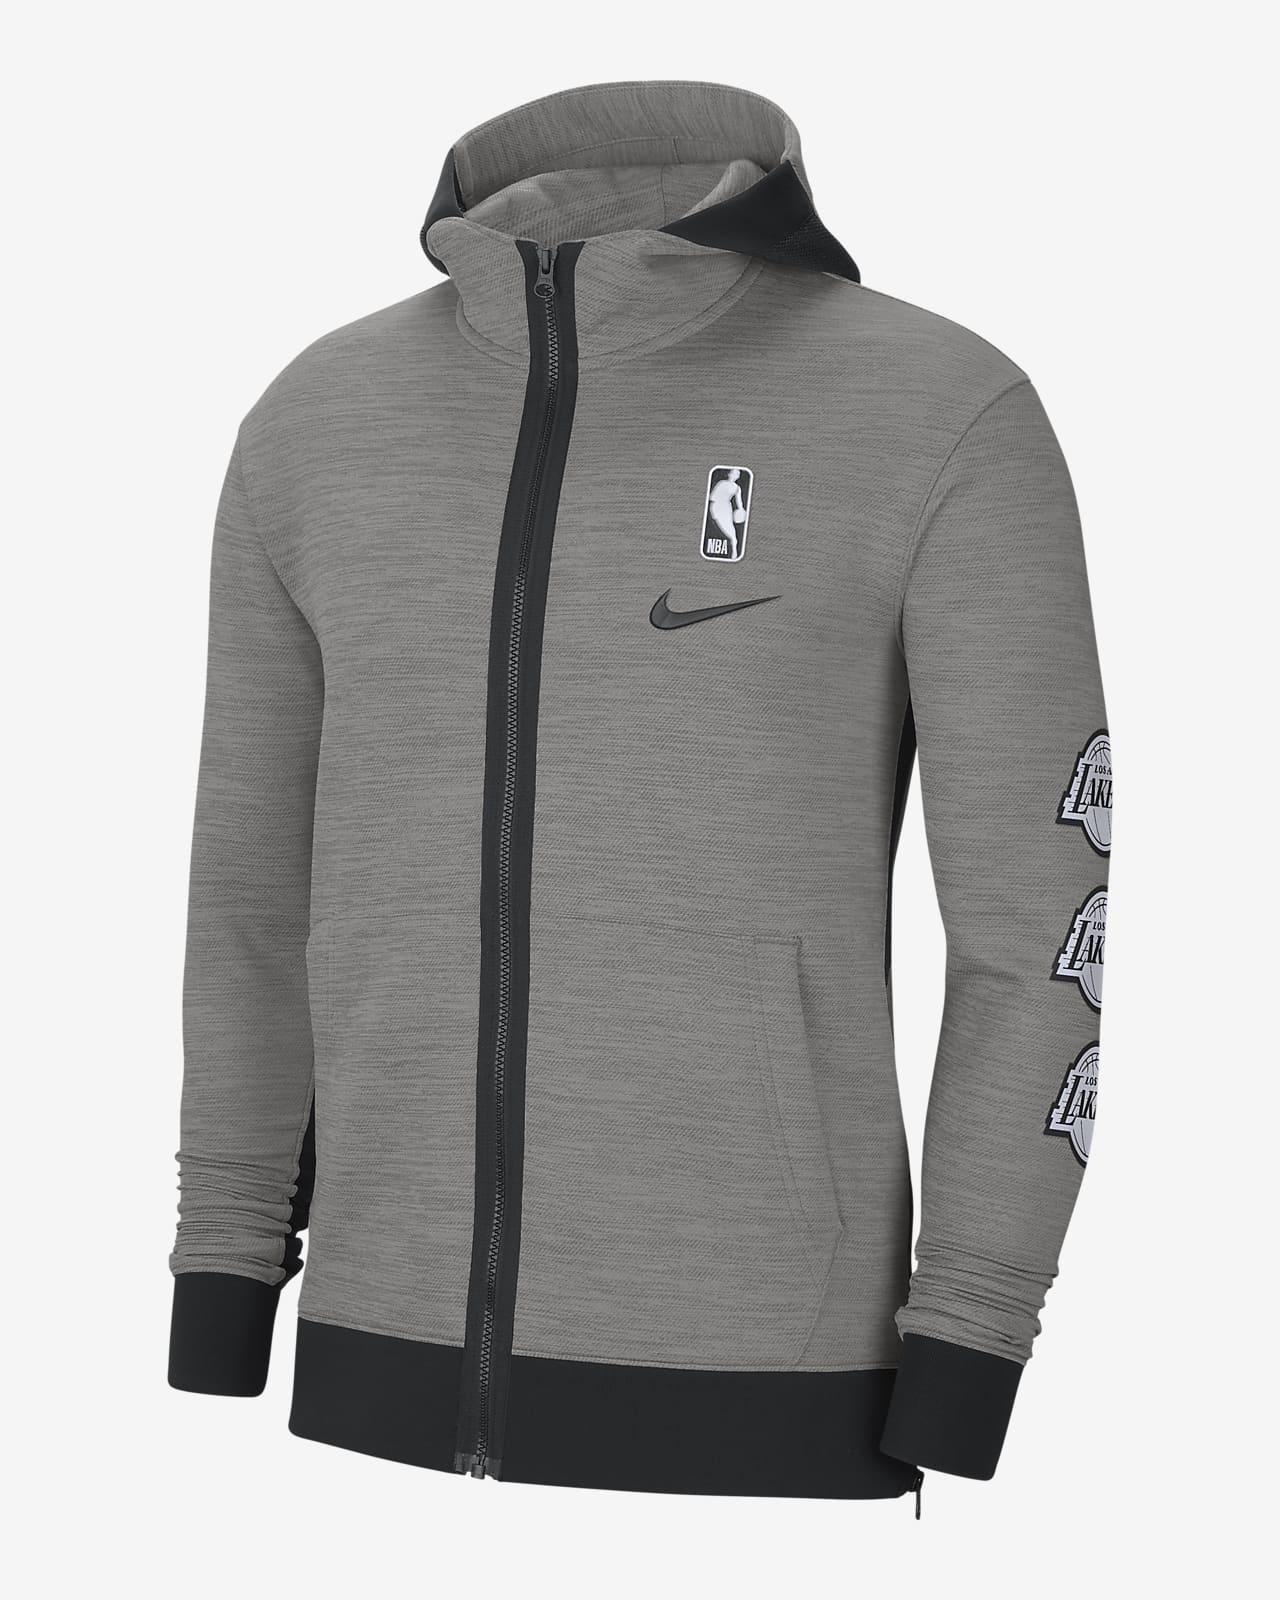 洛杉矶湖人队 Showtime Nike Therma Flex NBA 男子连帽衫